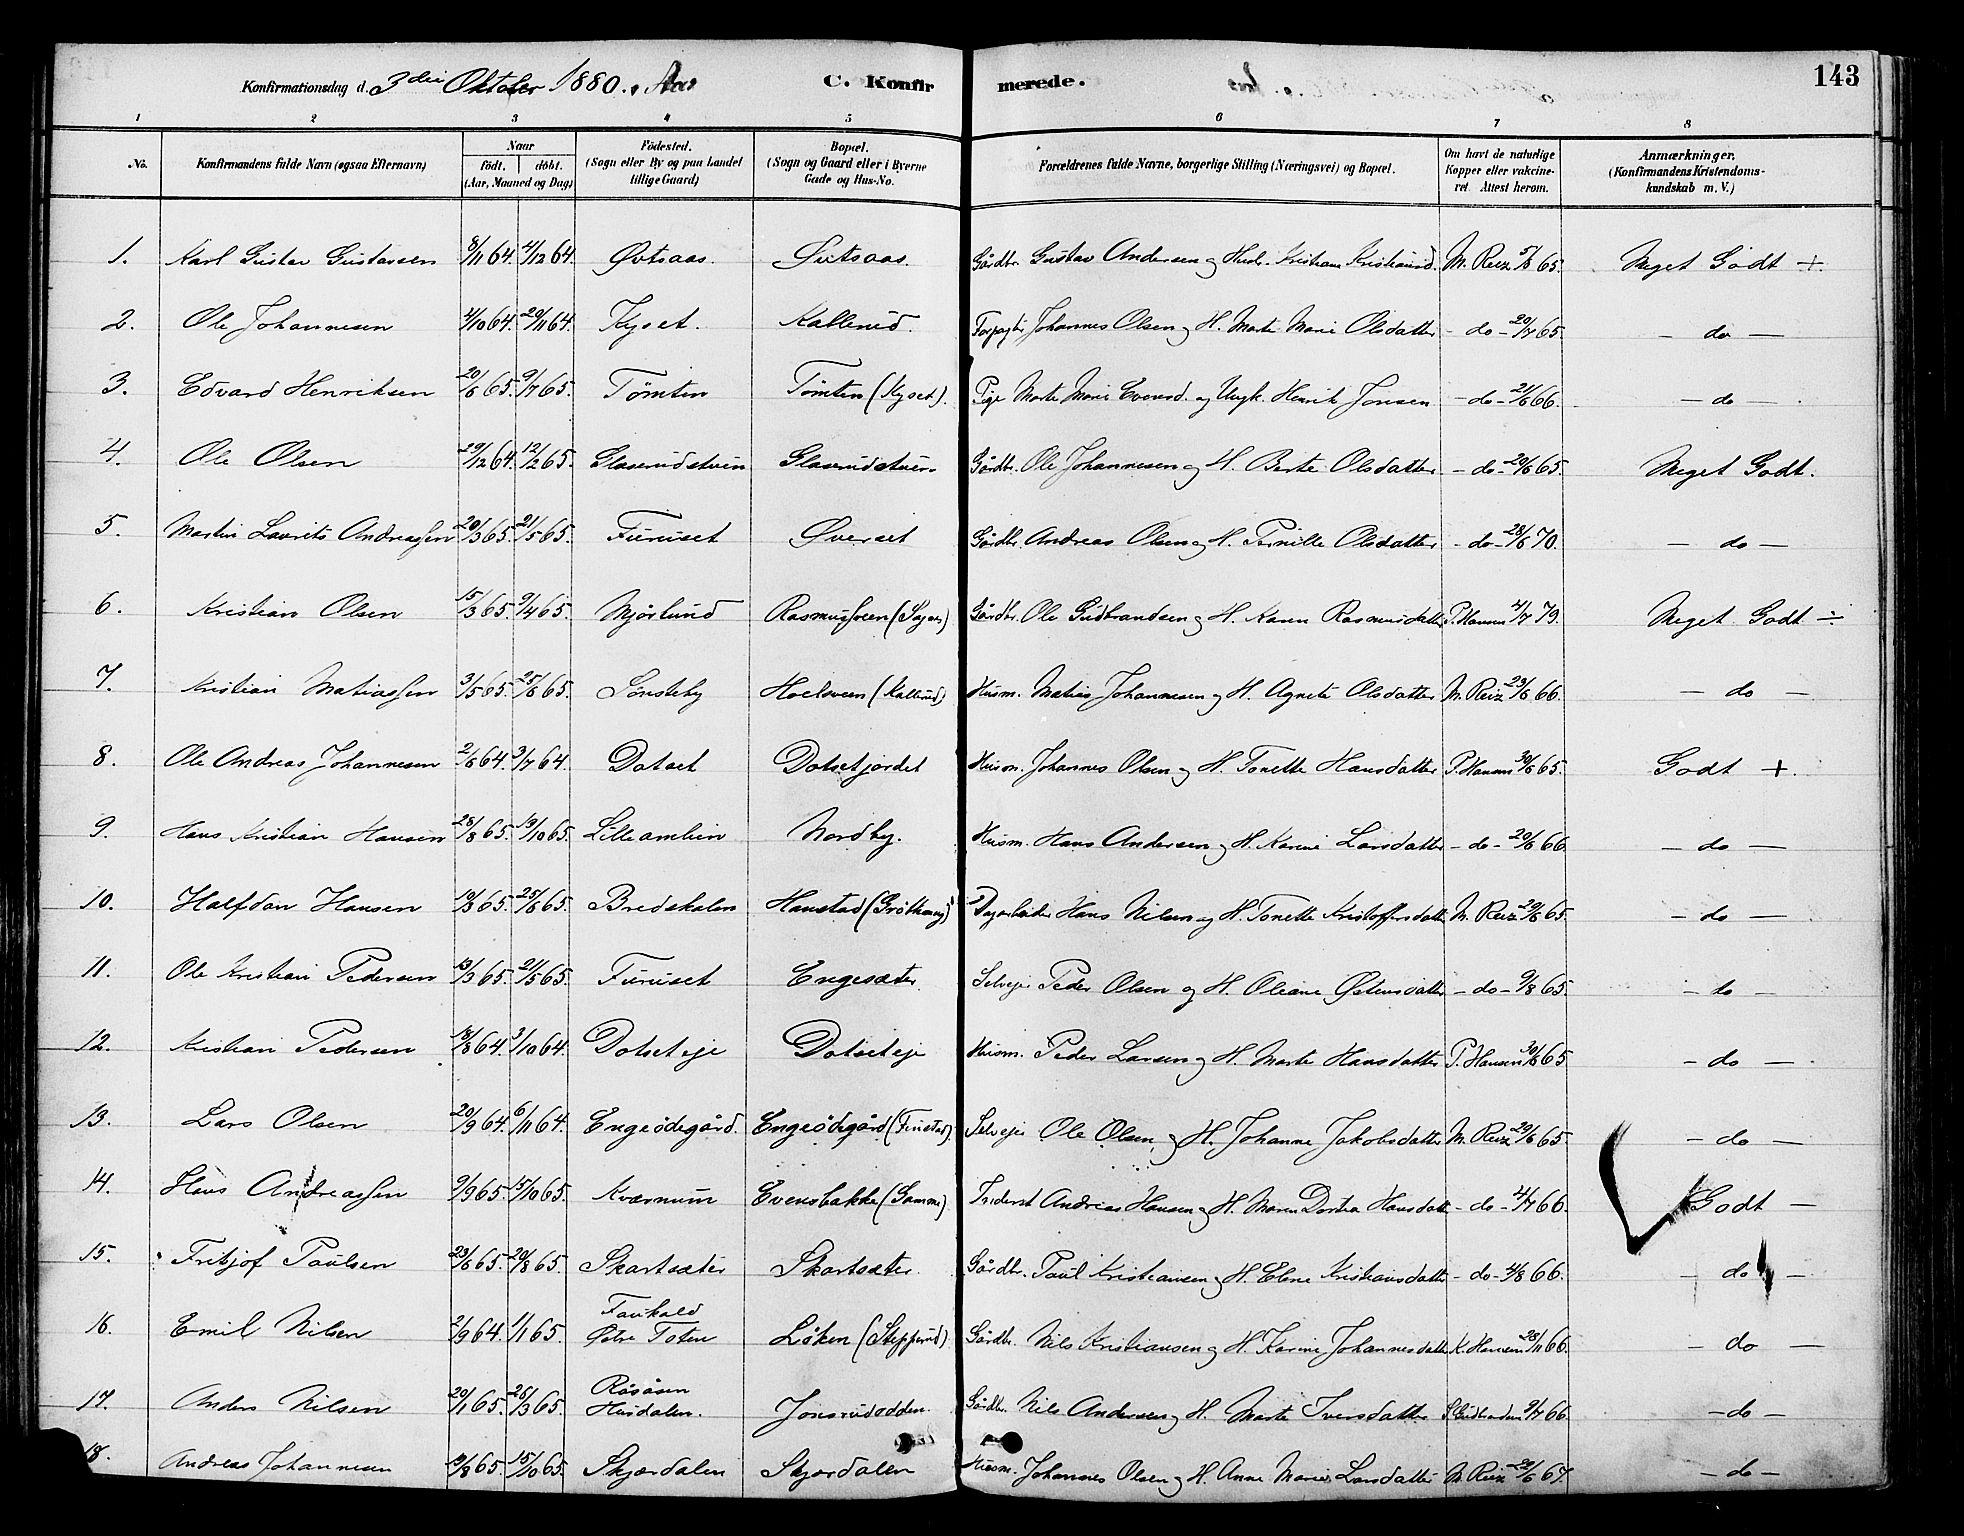 SAH, Vestre Toten prestekontor, Ministerialbok nr. 9, 1878-1894, s. 143